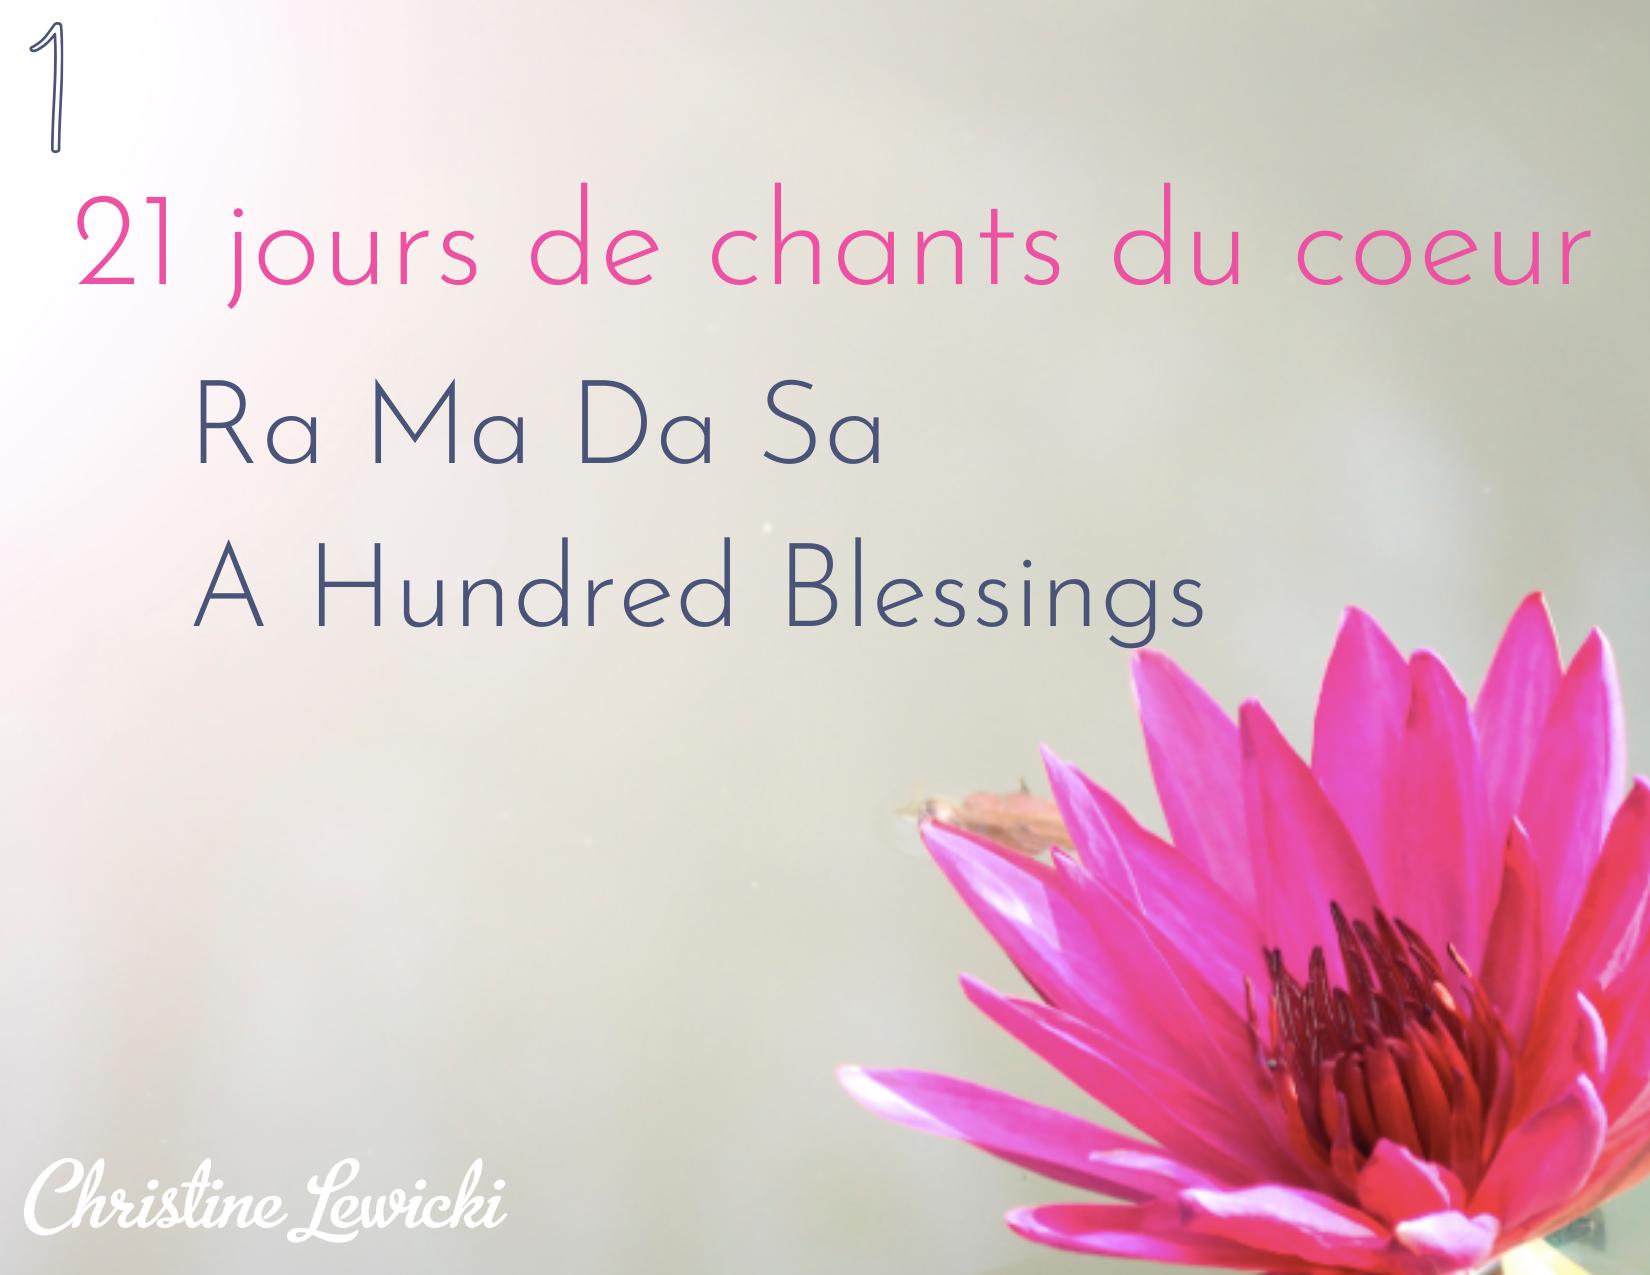 Ra Ma Da Sa Sa Say So Hung - a hundred blessings